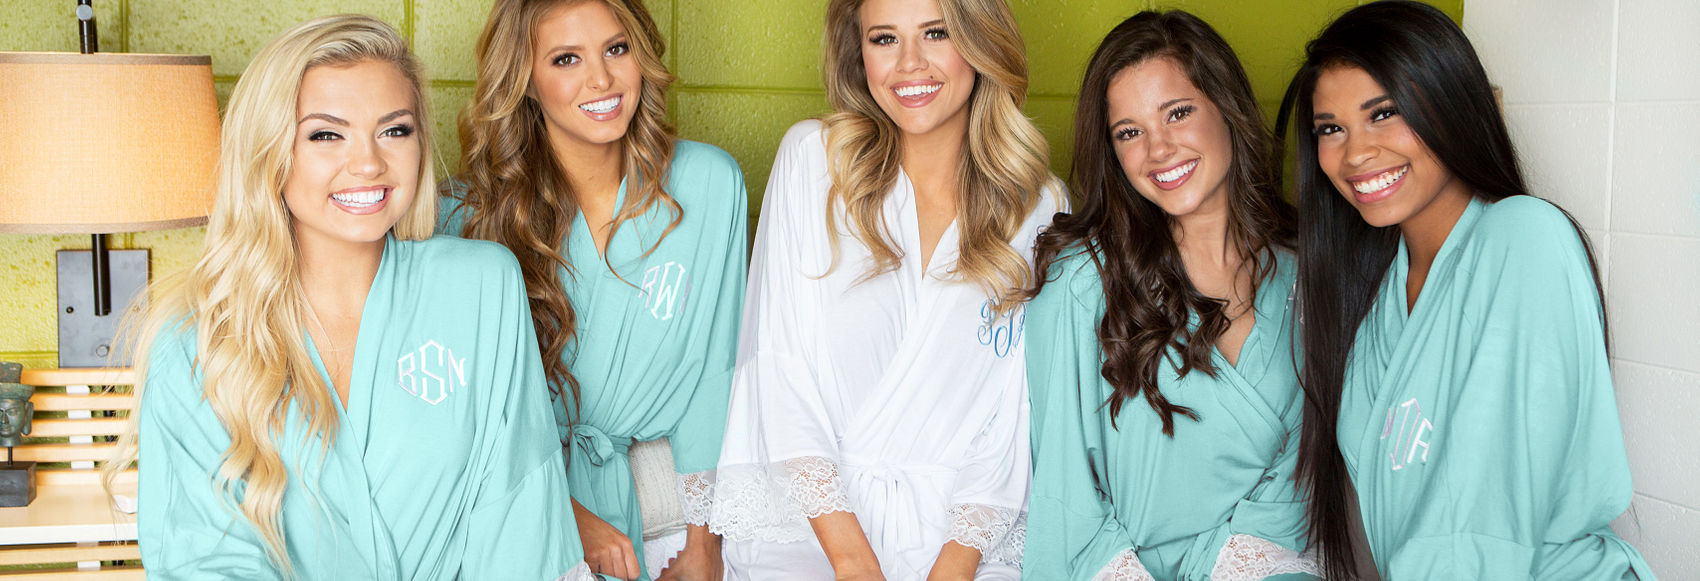 Modern Foam Party Dress Code Crest - Womens Dresses & Gowns ...